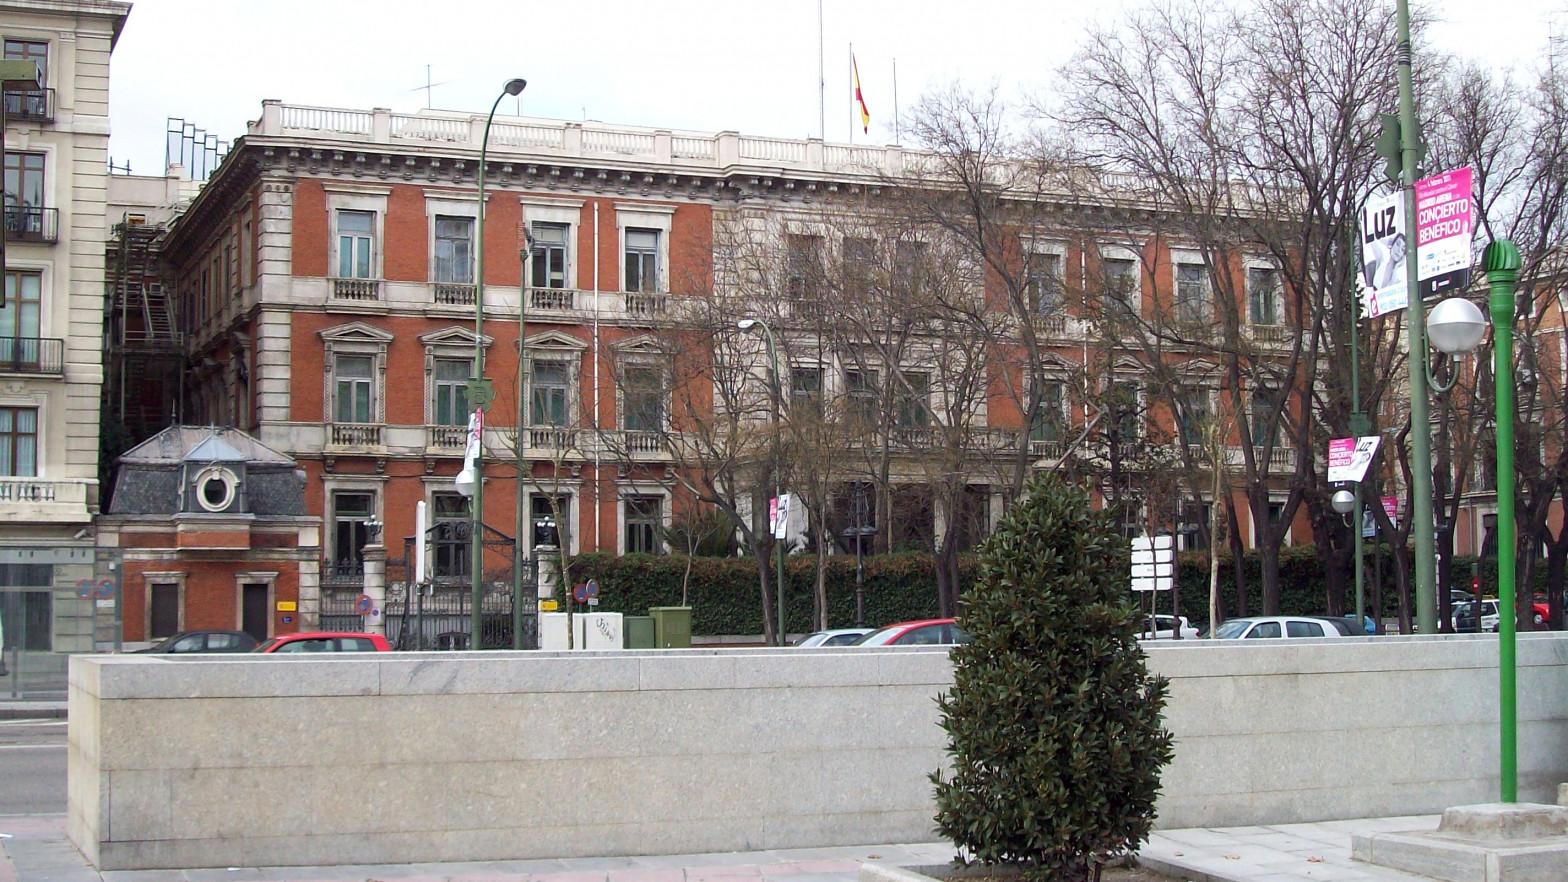 El ministerio de Iceta gastará 9,5 millones en reformar su palacete de Castellana